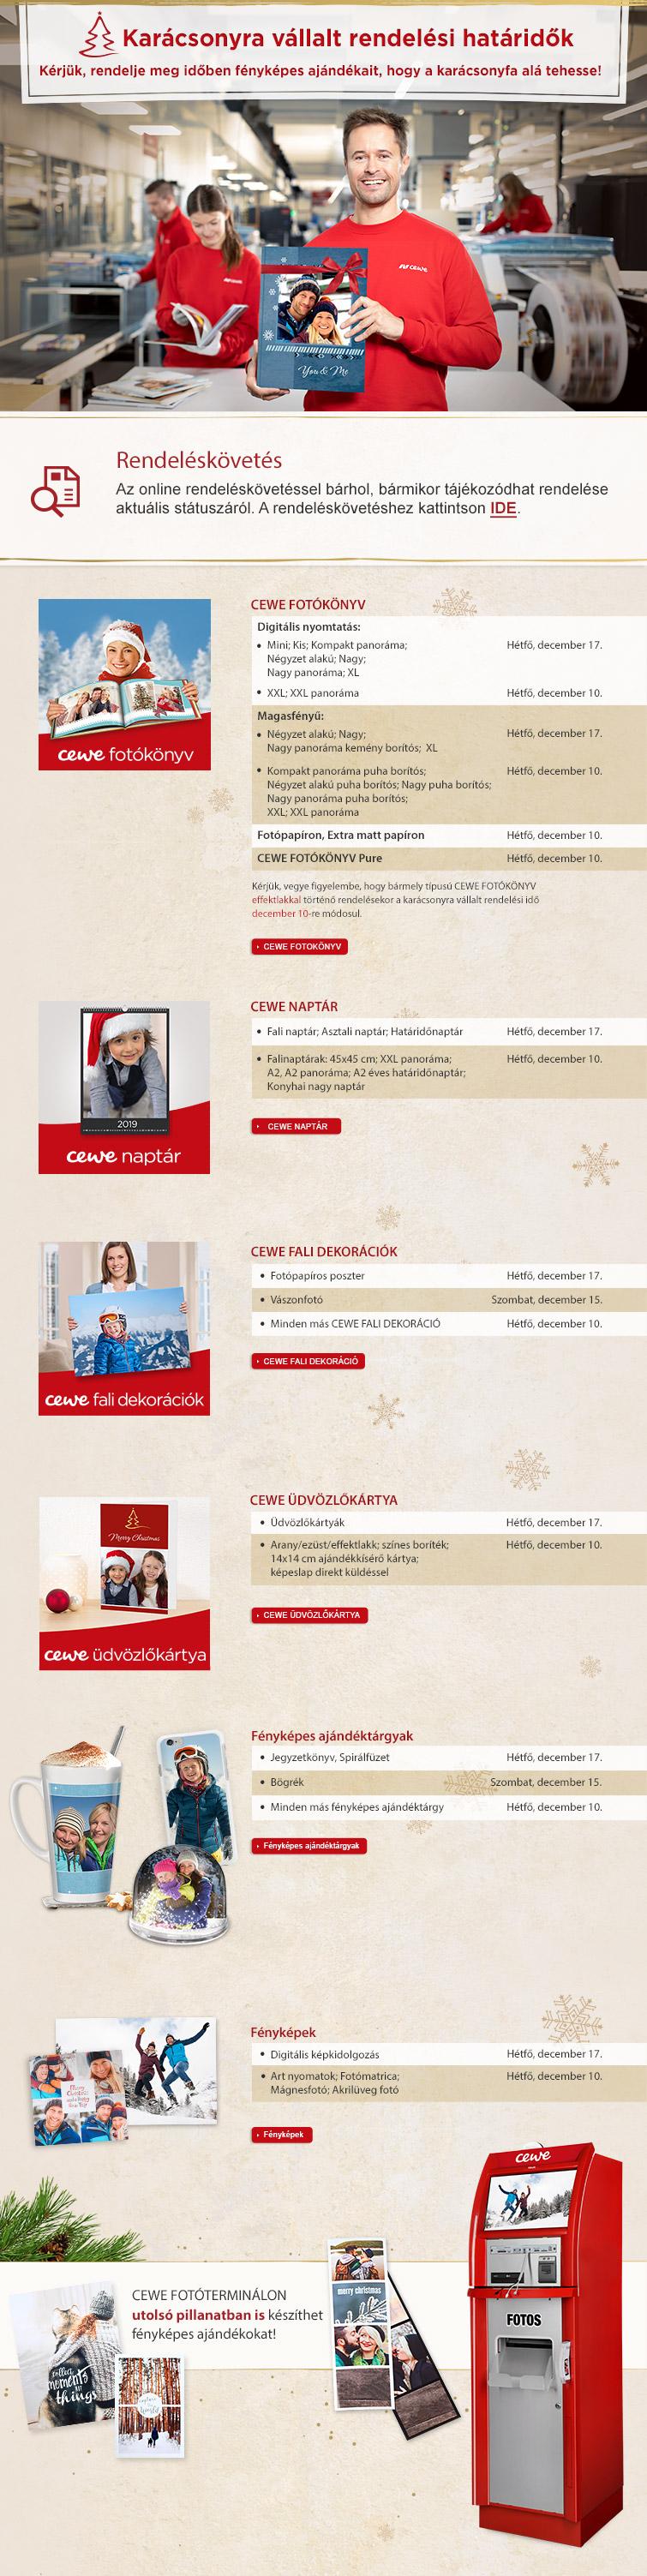 Karácsonyi rendelési határidők + azonnali nyomtatás